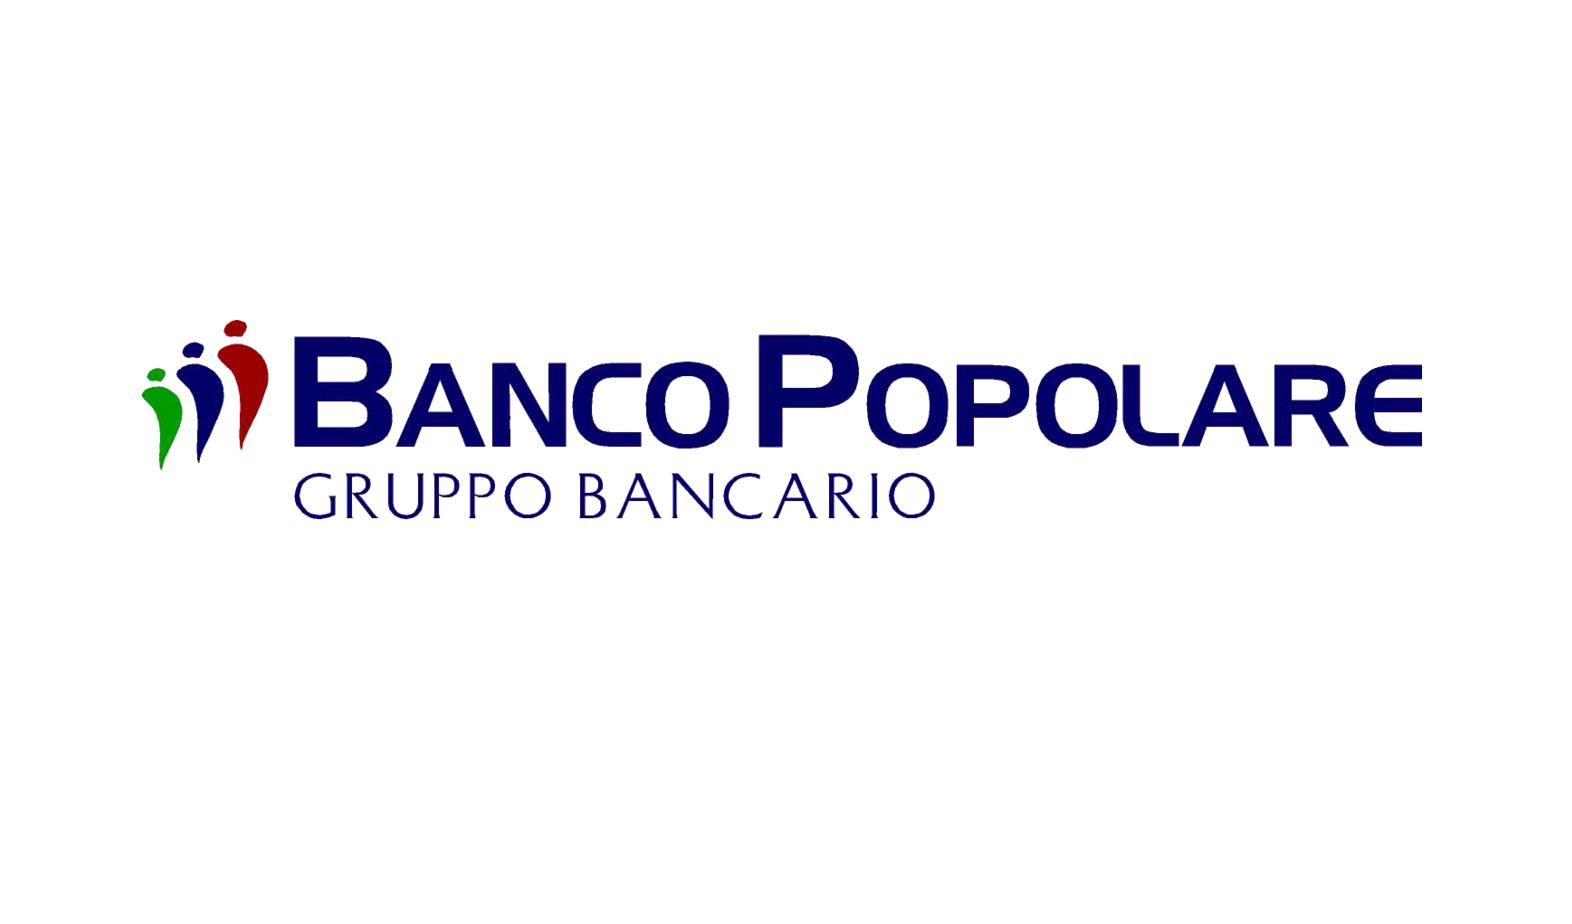 Banco Popolare   Enciclopedia dell'Economia Wiki   FANDOM ...